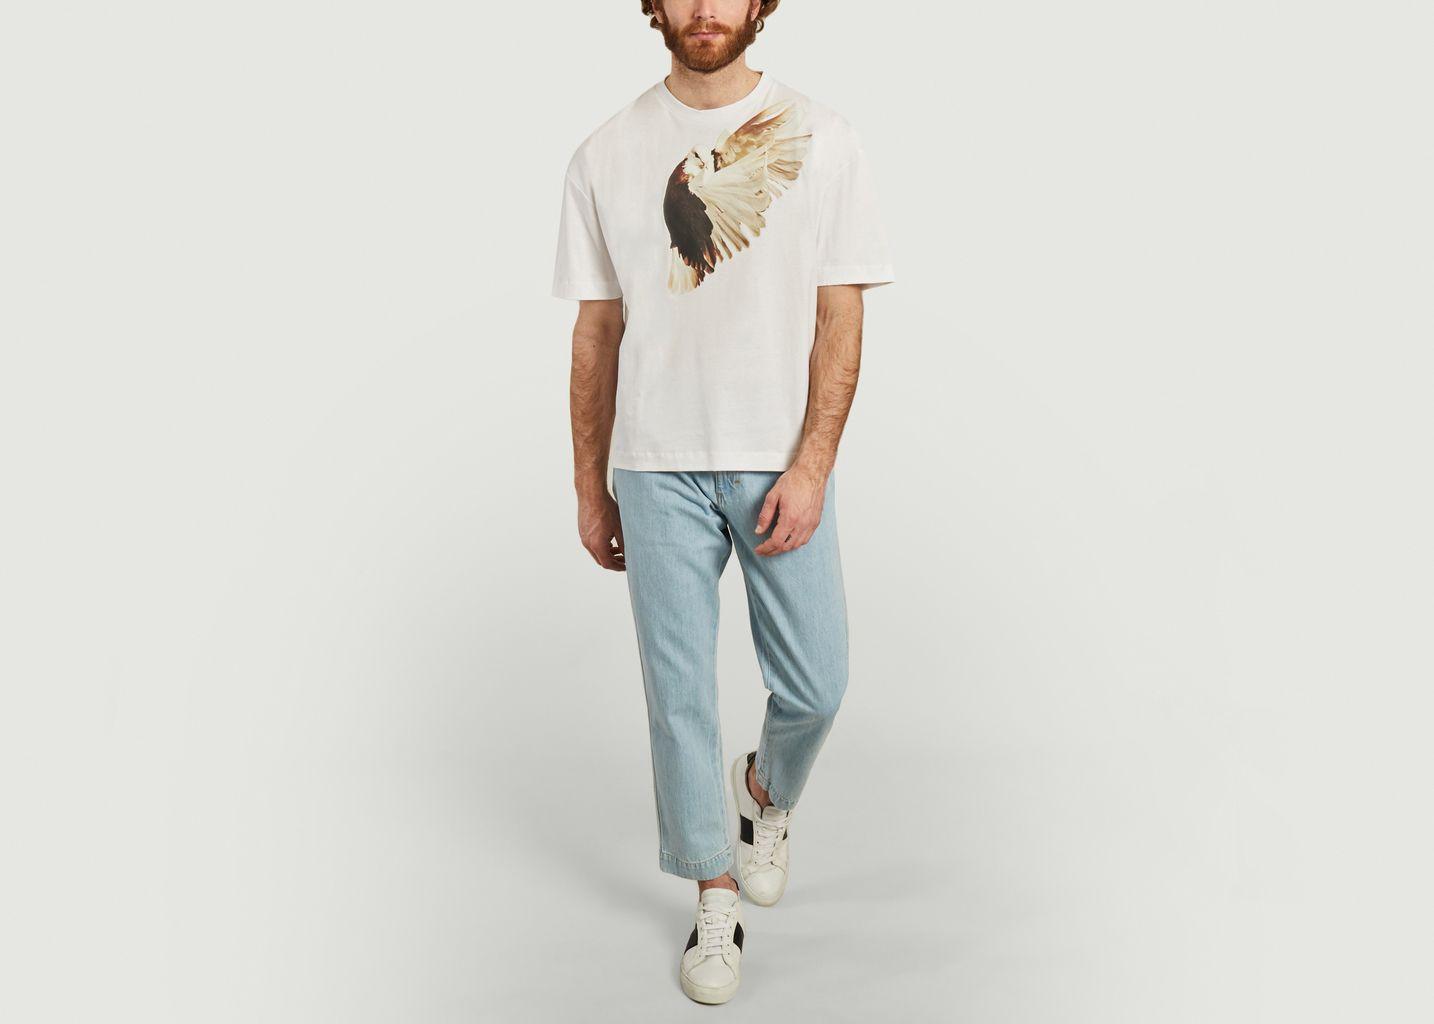 T-shirt Oiseau - Études